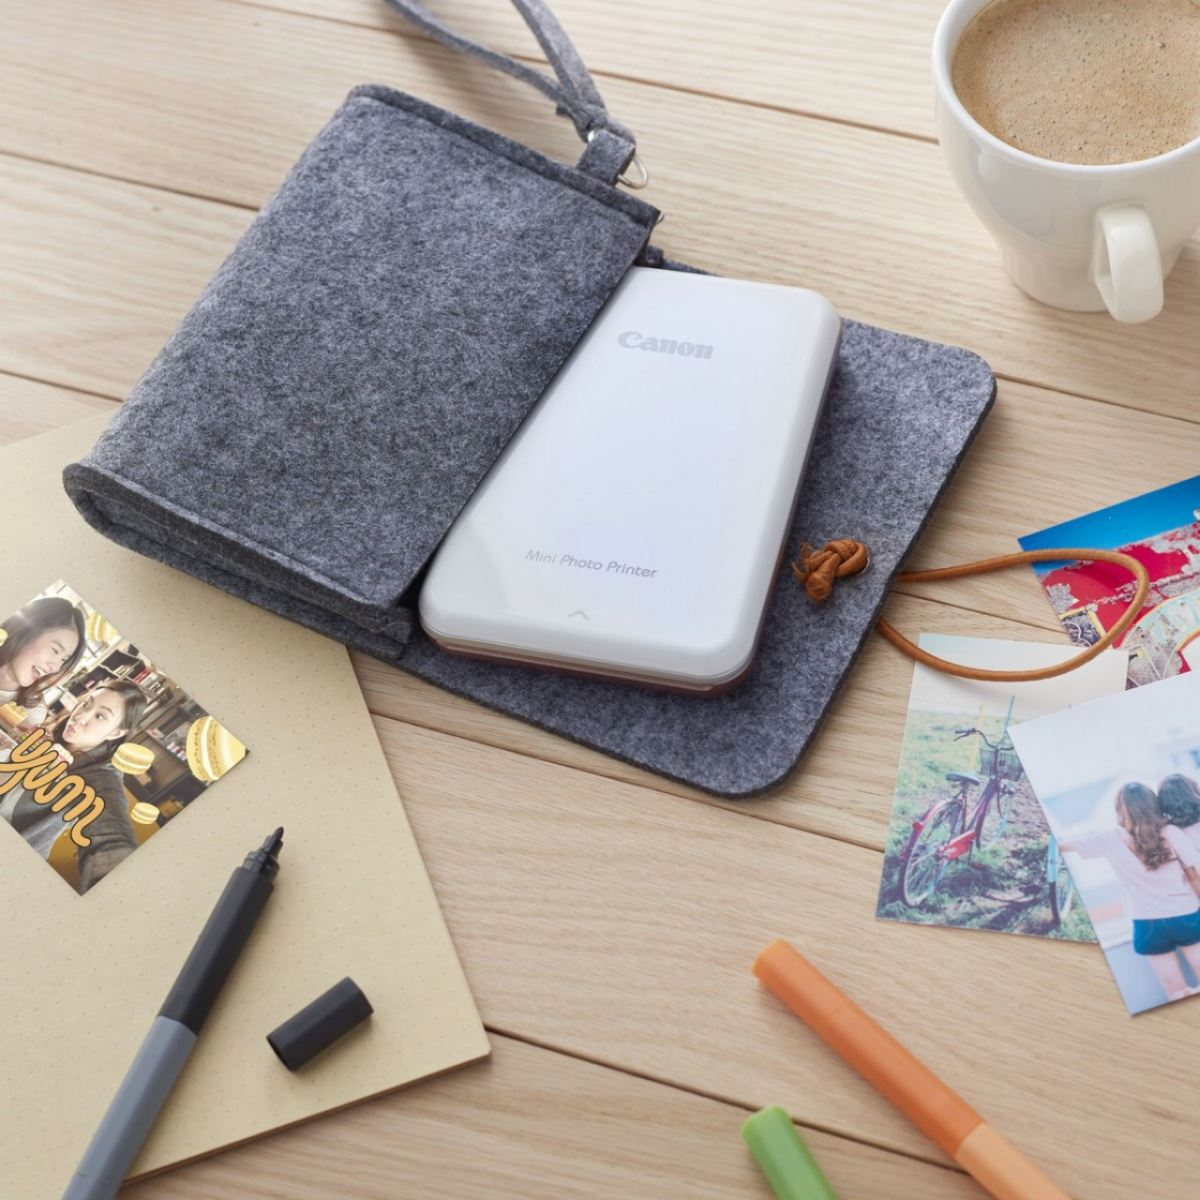 Máy in ảnh mini Canon PV-123 vàng hồng giúp mang những ký ức đáng nhớ nằm mãi trong chiếc điện thoại ra ngoài đời thực qua những tấm ảnh đầy phong cách và ...